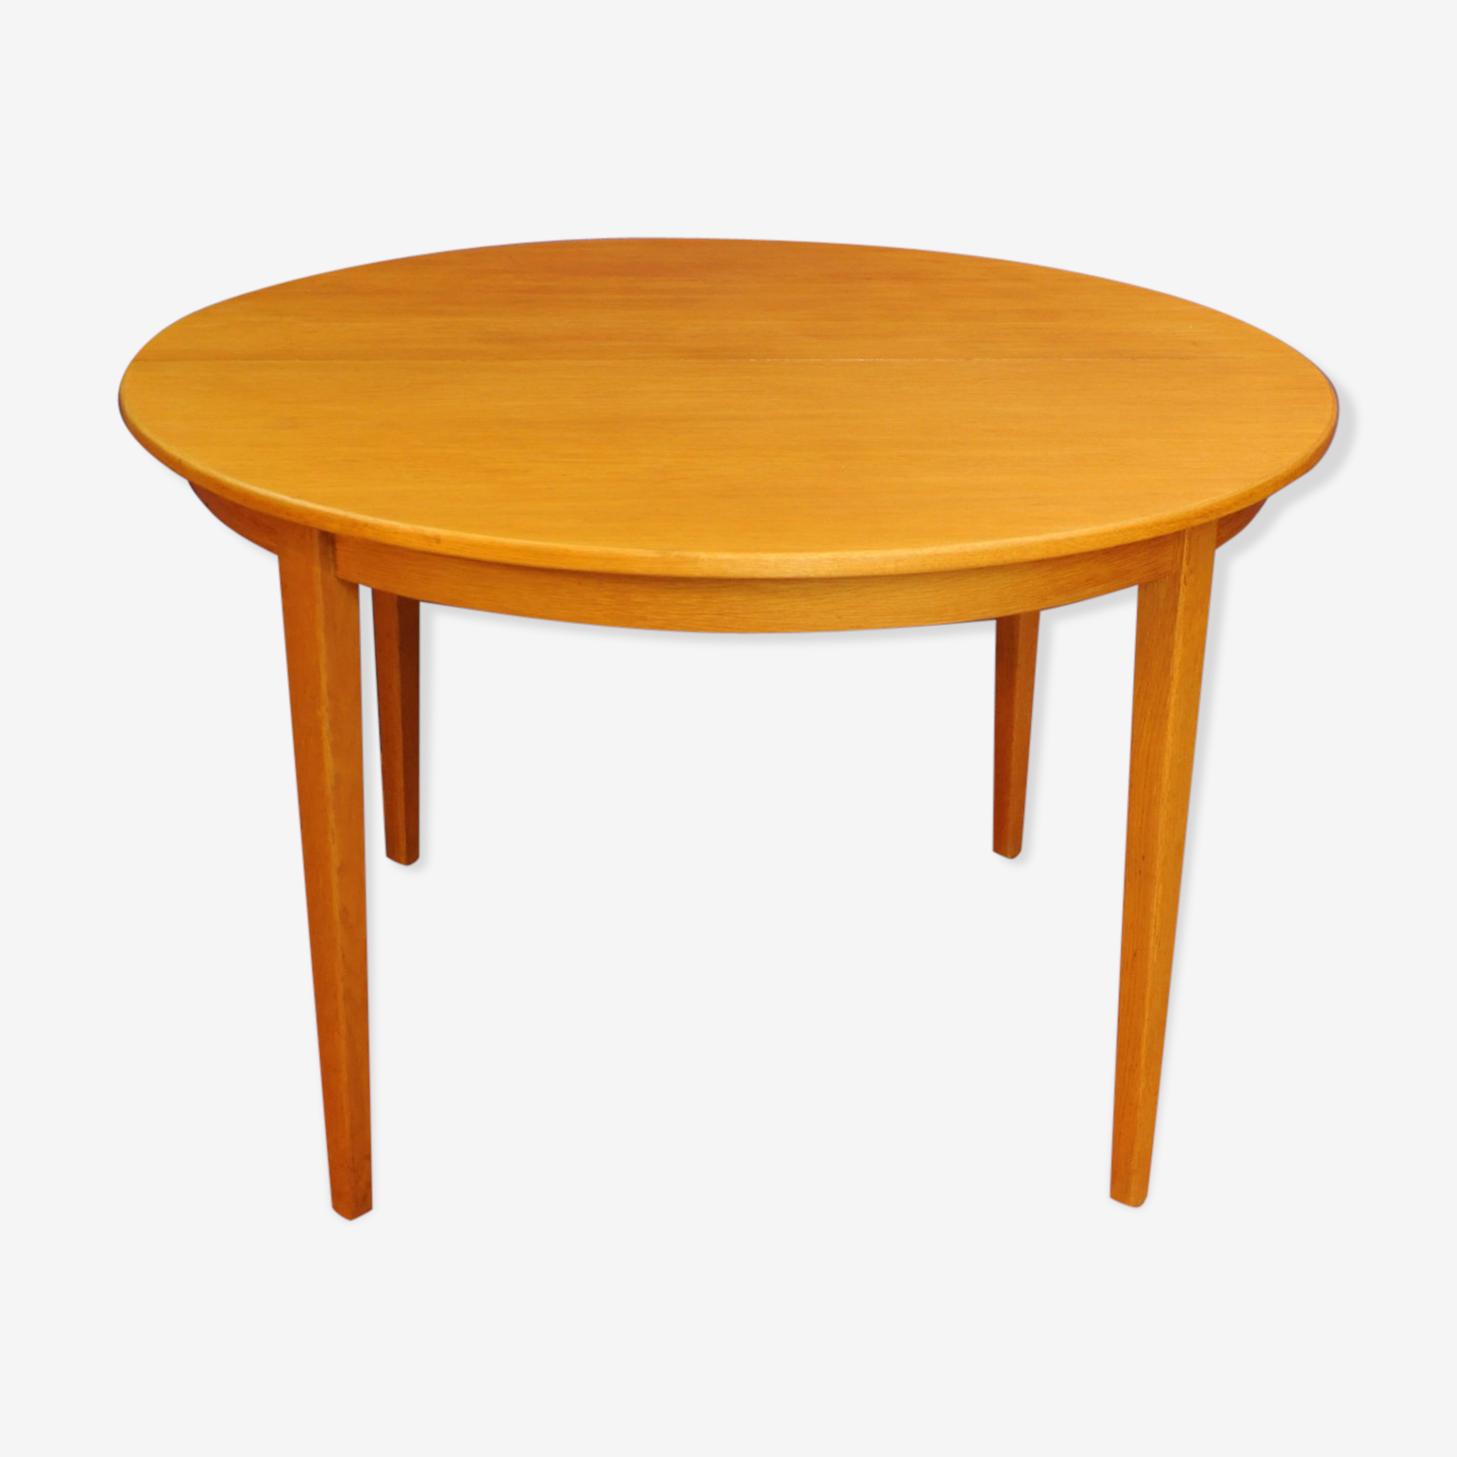 Table de salle à manger retro Lata 60-70 teck